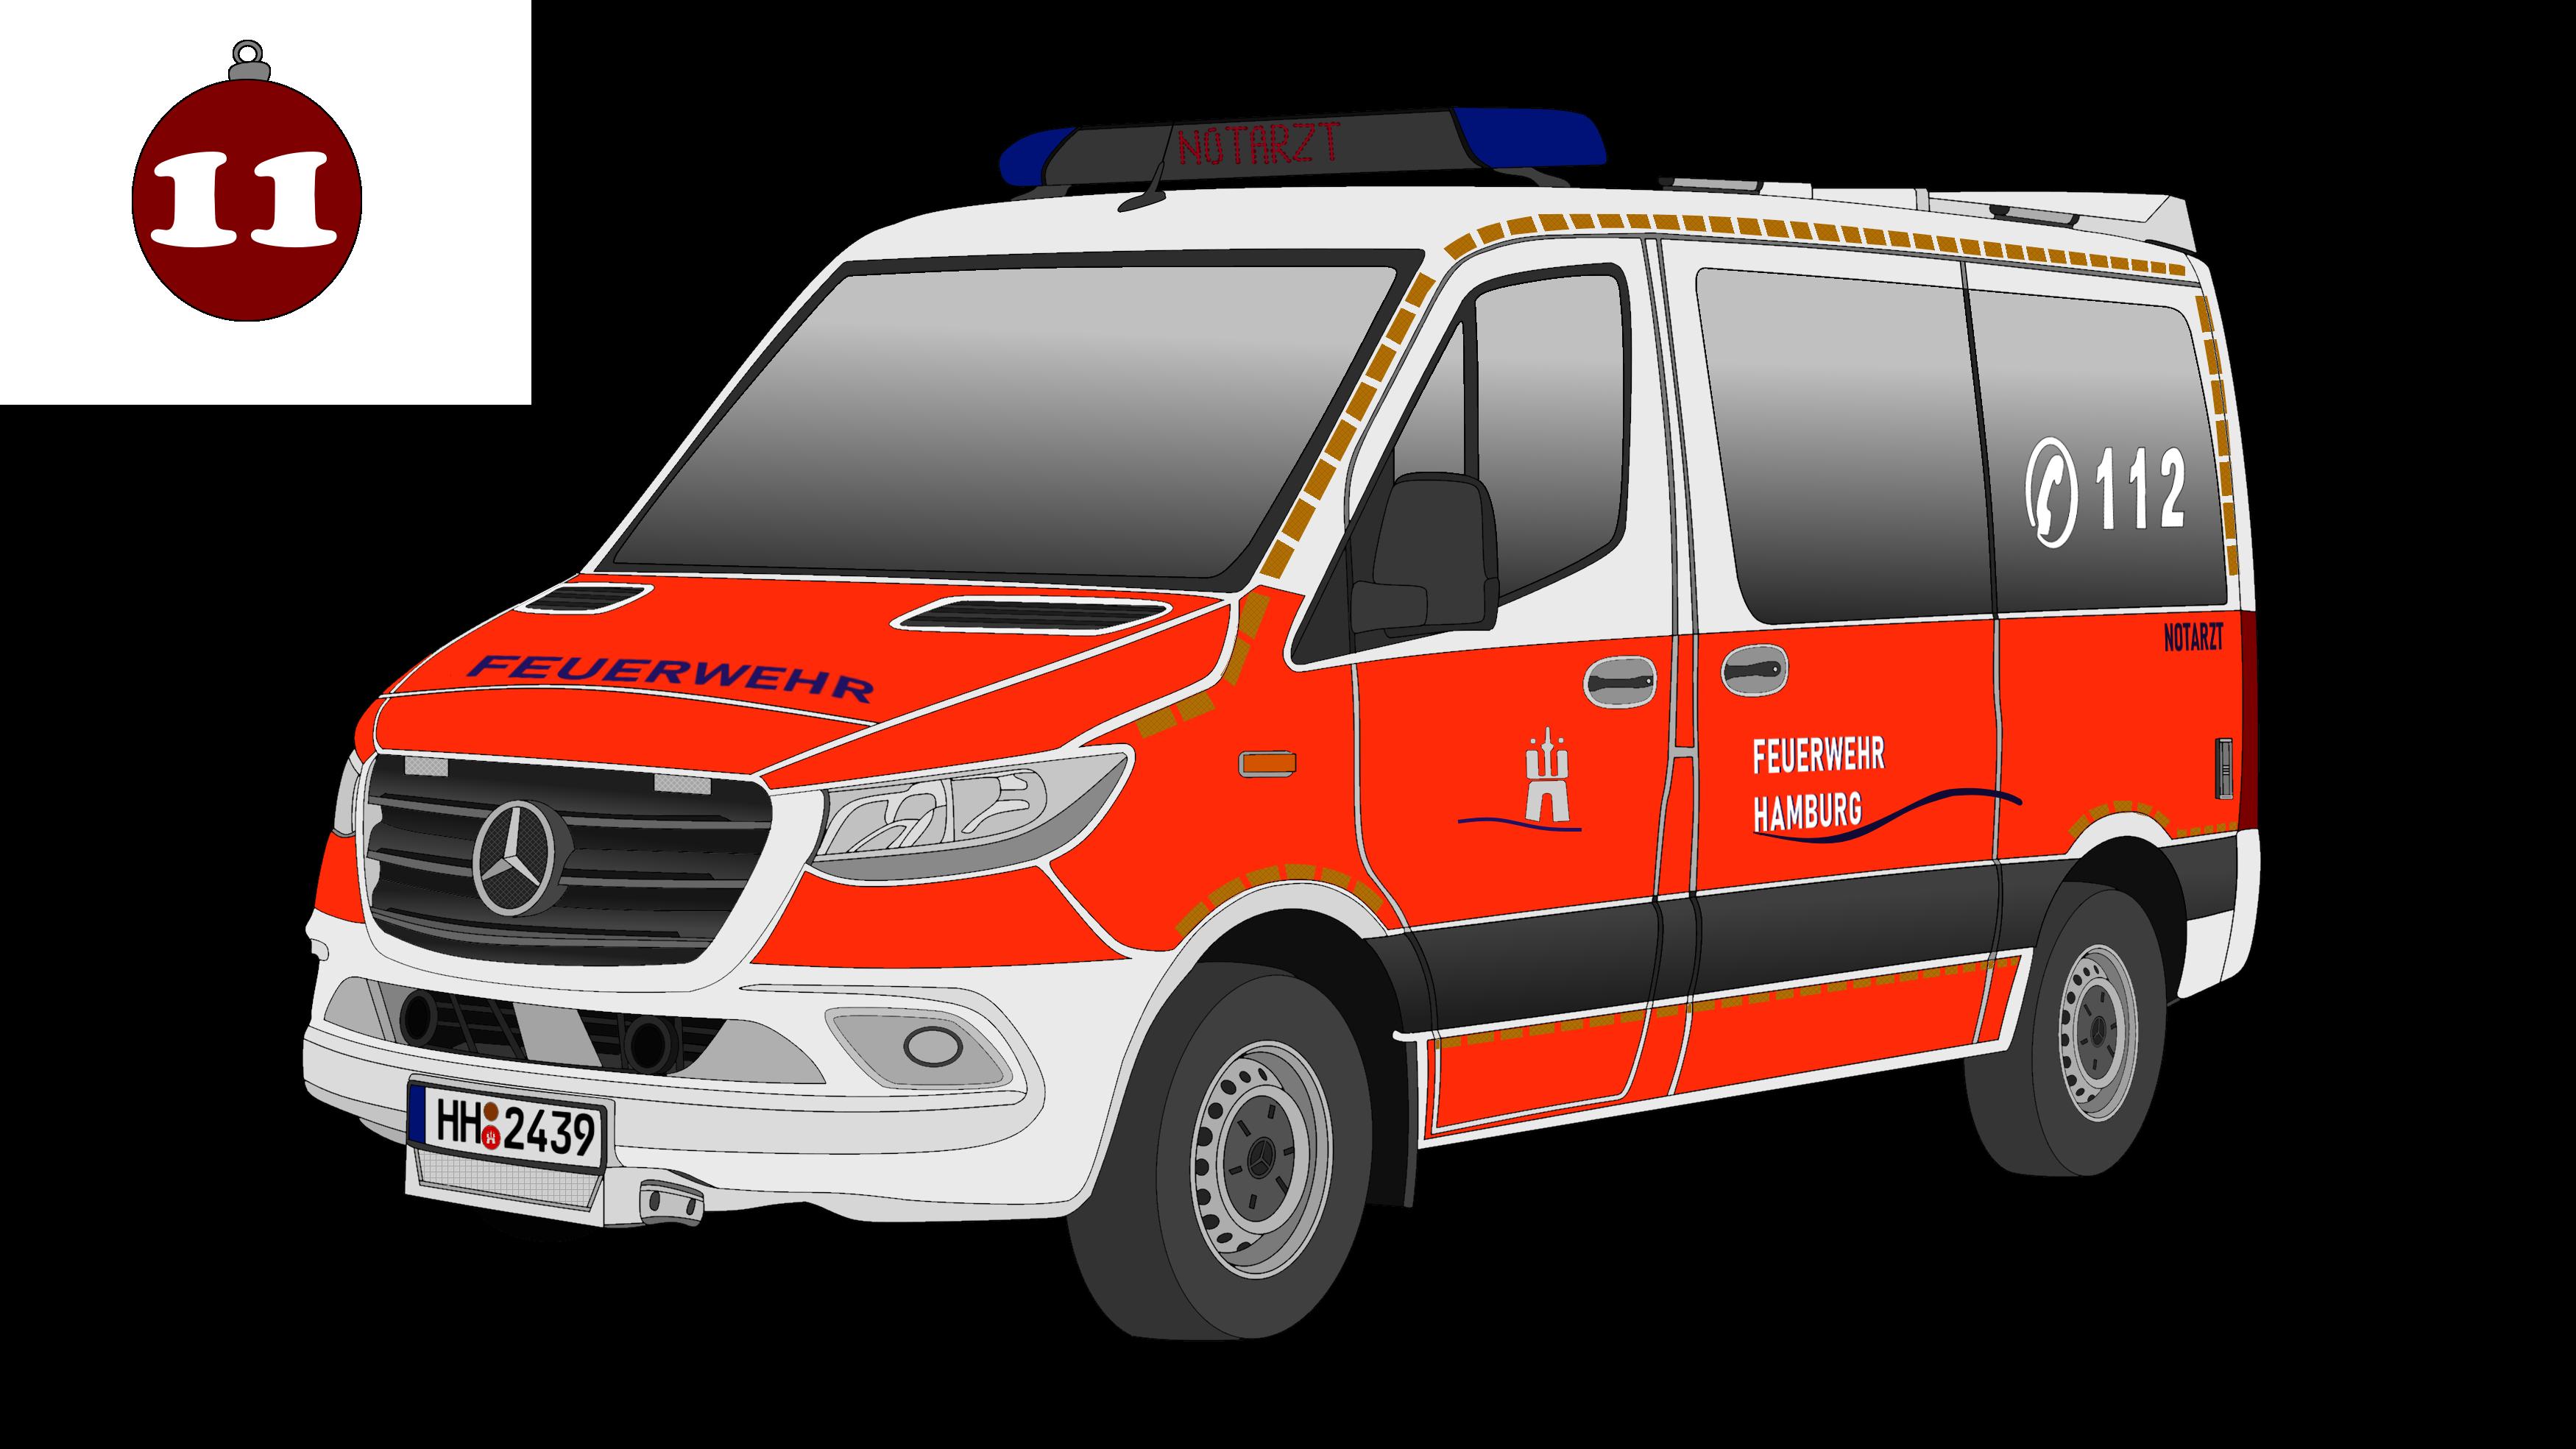 69935-nef-sprinter-hamburg-2019-gro%C3%9F-mit-c-weihnachten-png